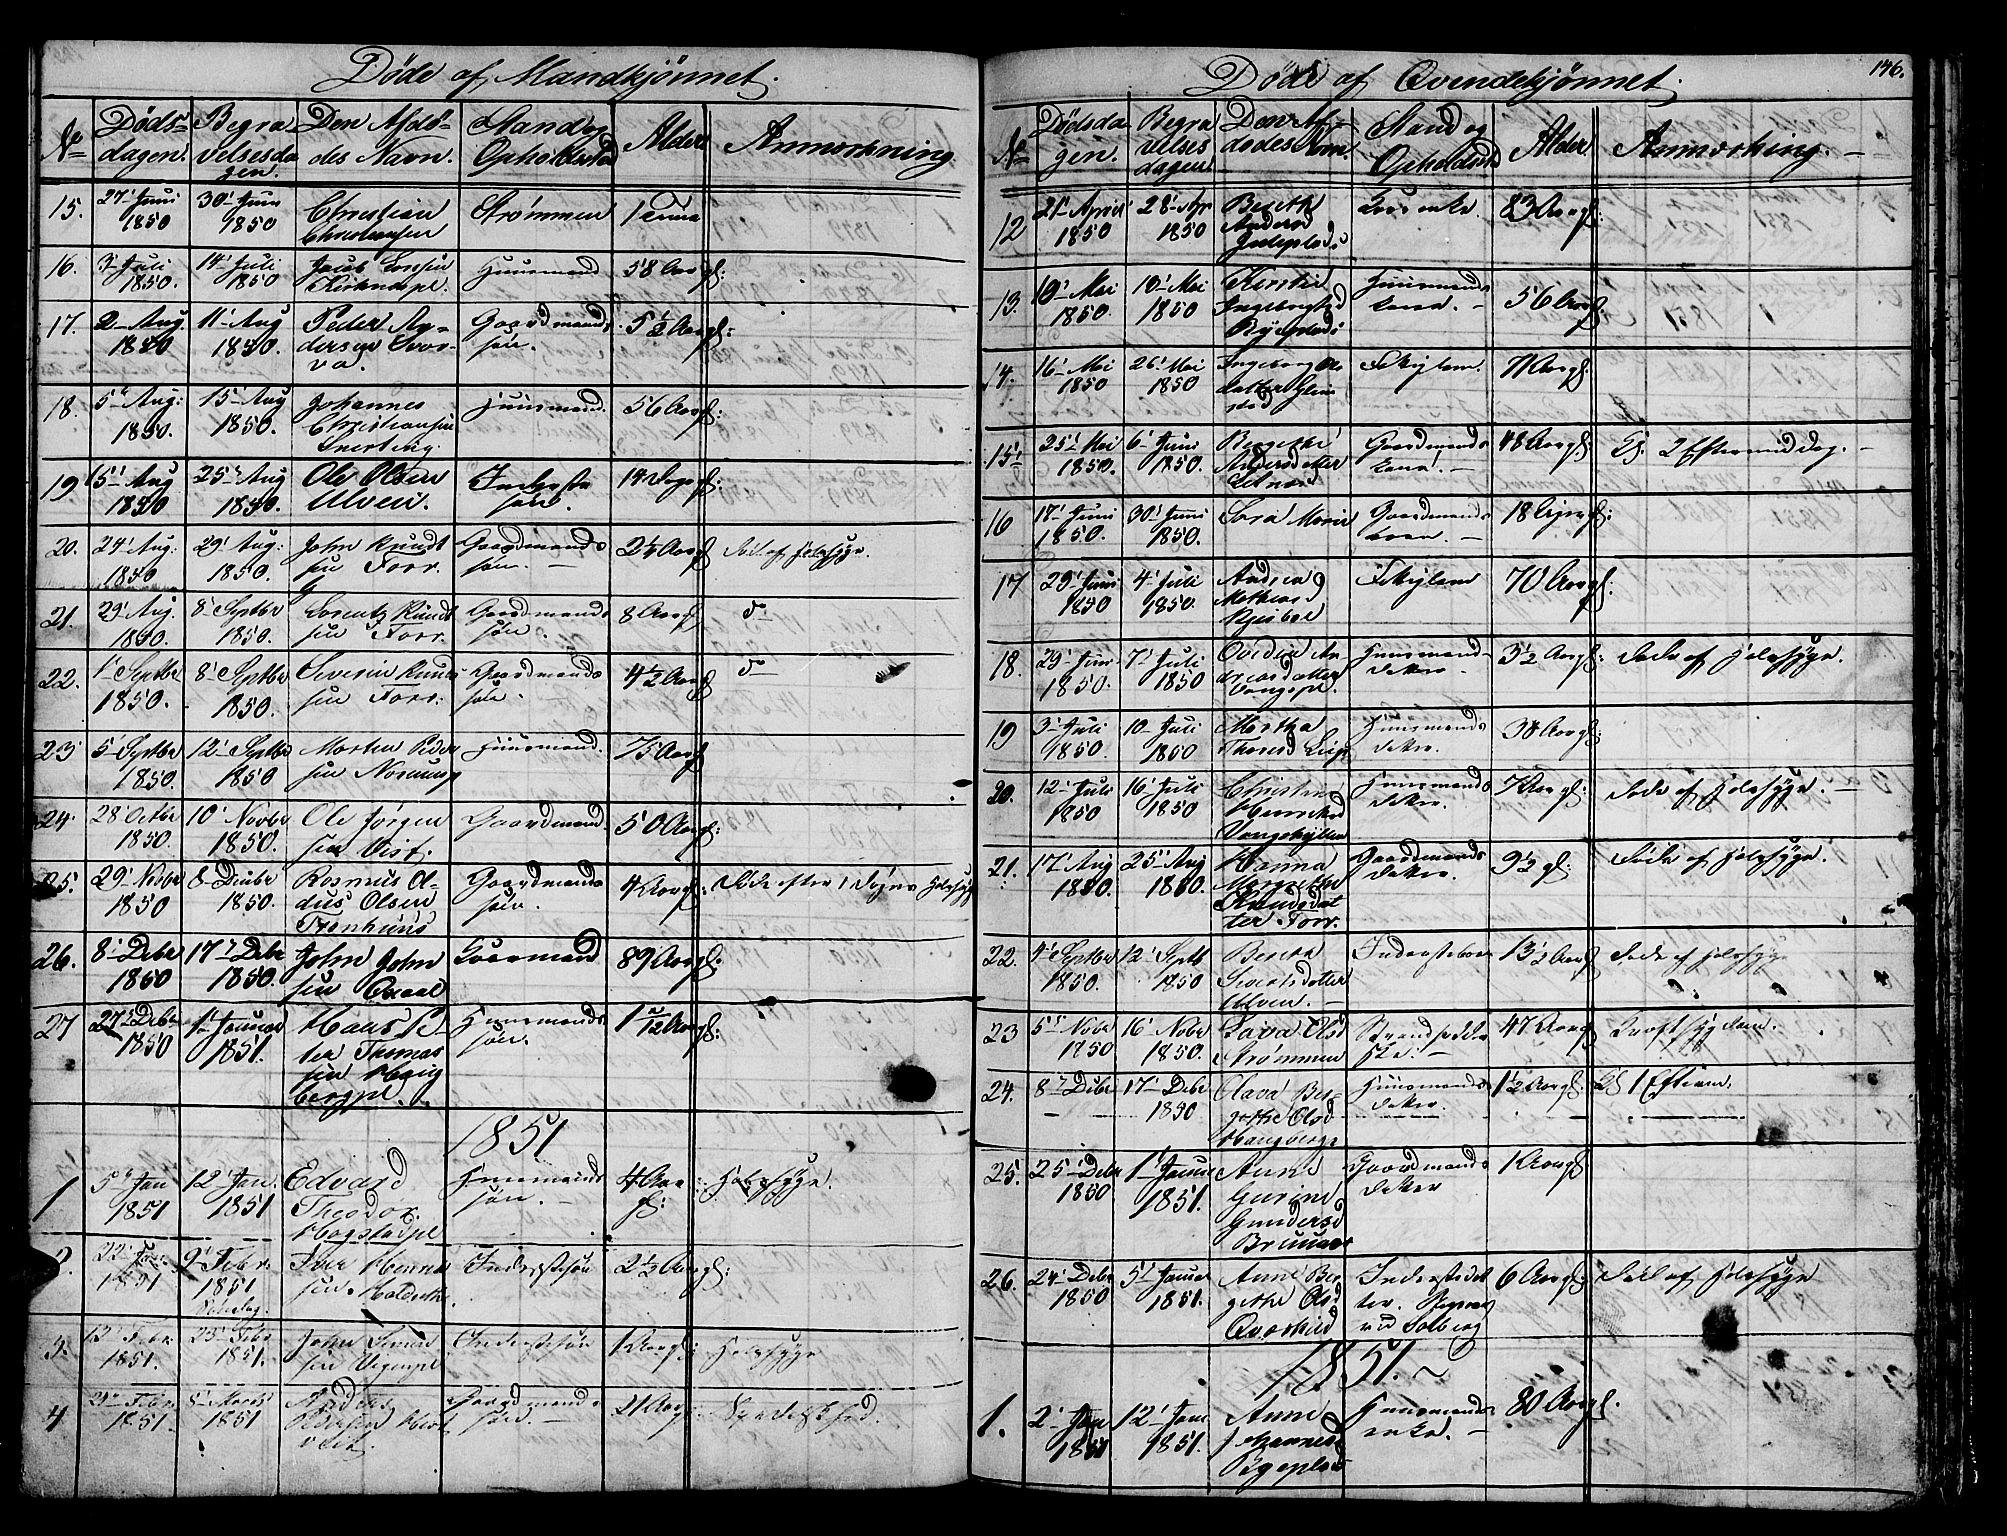 SAT, Ministerialprotokoller, klokkerbøker og fødselsregistre - Nord-Trøndelag, 730/L0299: Klokkerbok nr. 730C02, 1849-1871, s. 146